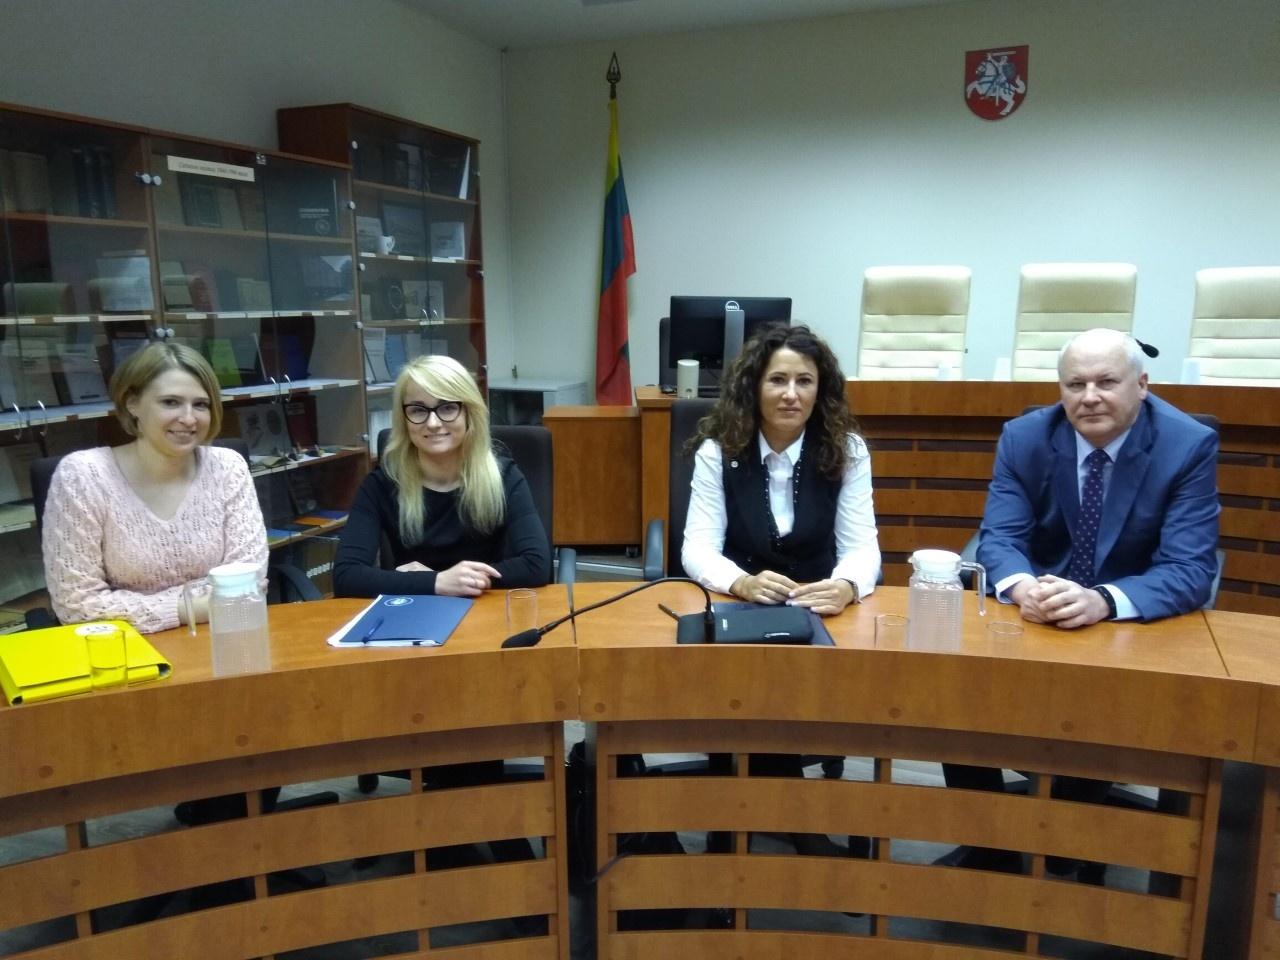 Valstybės vaiko teisių apsaugos ir įvaikinimo tarnybos vadovai pradėjo susitikimus su  teisėjais